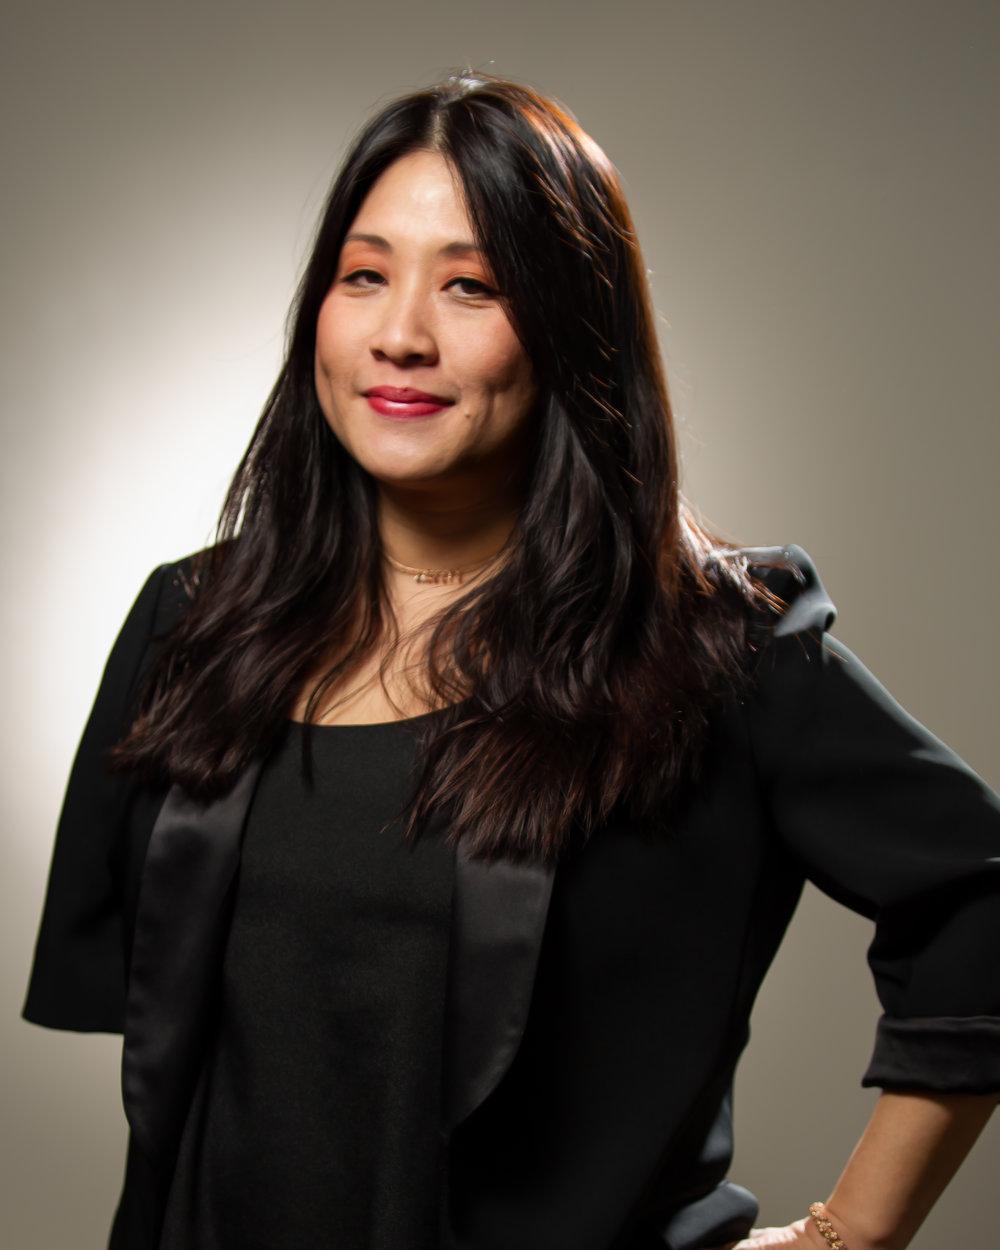 Suzan Nguyening